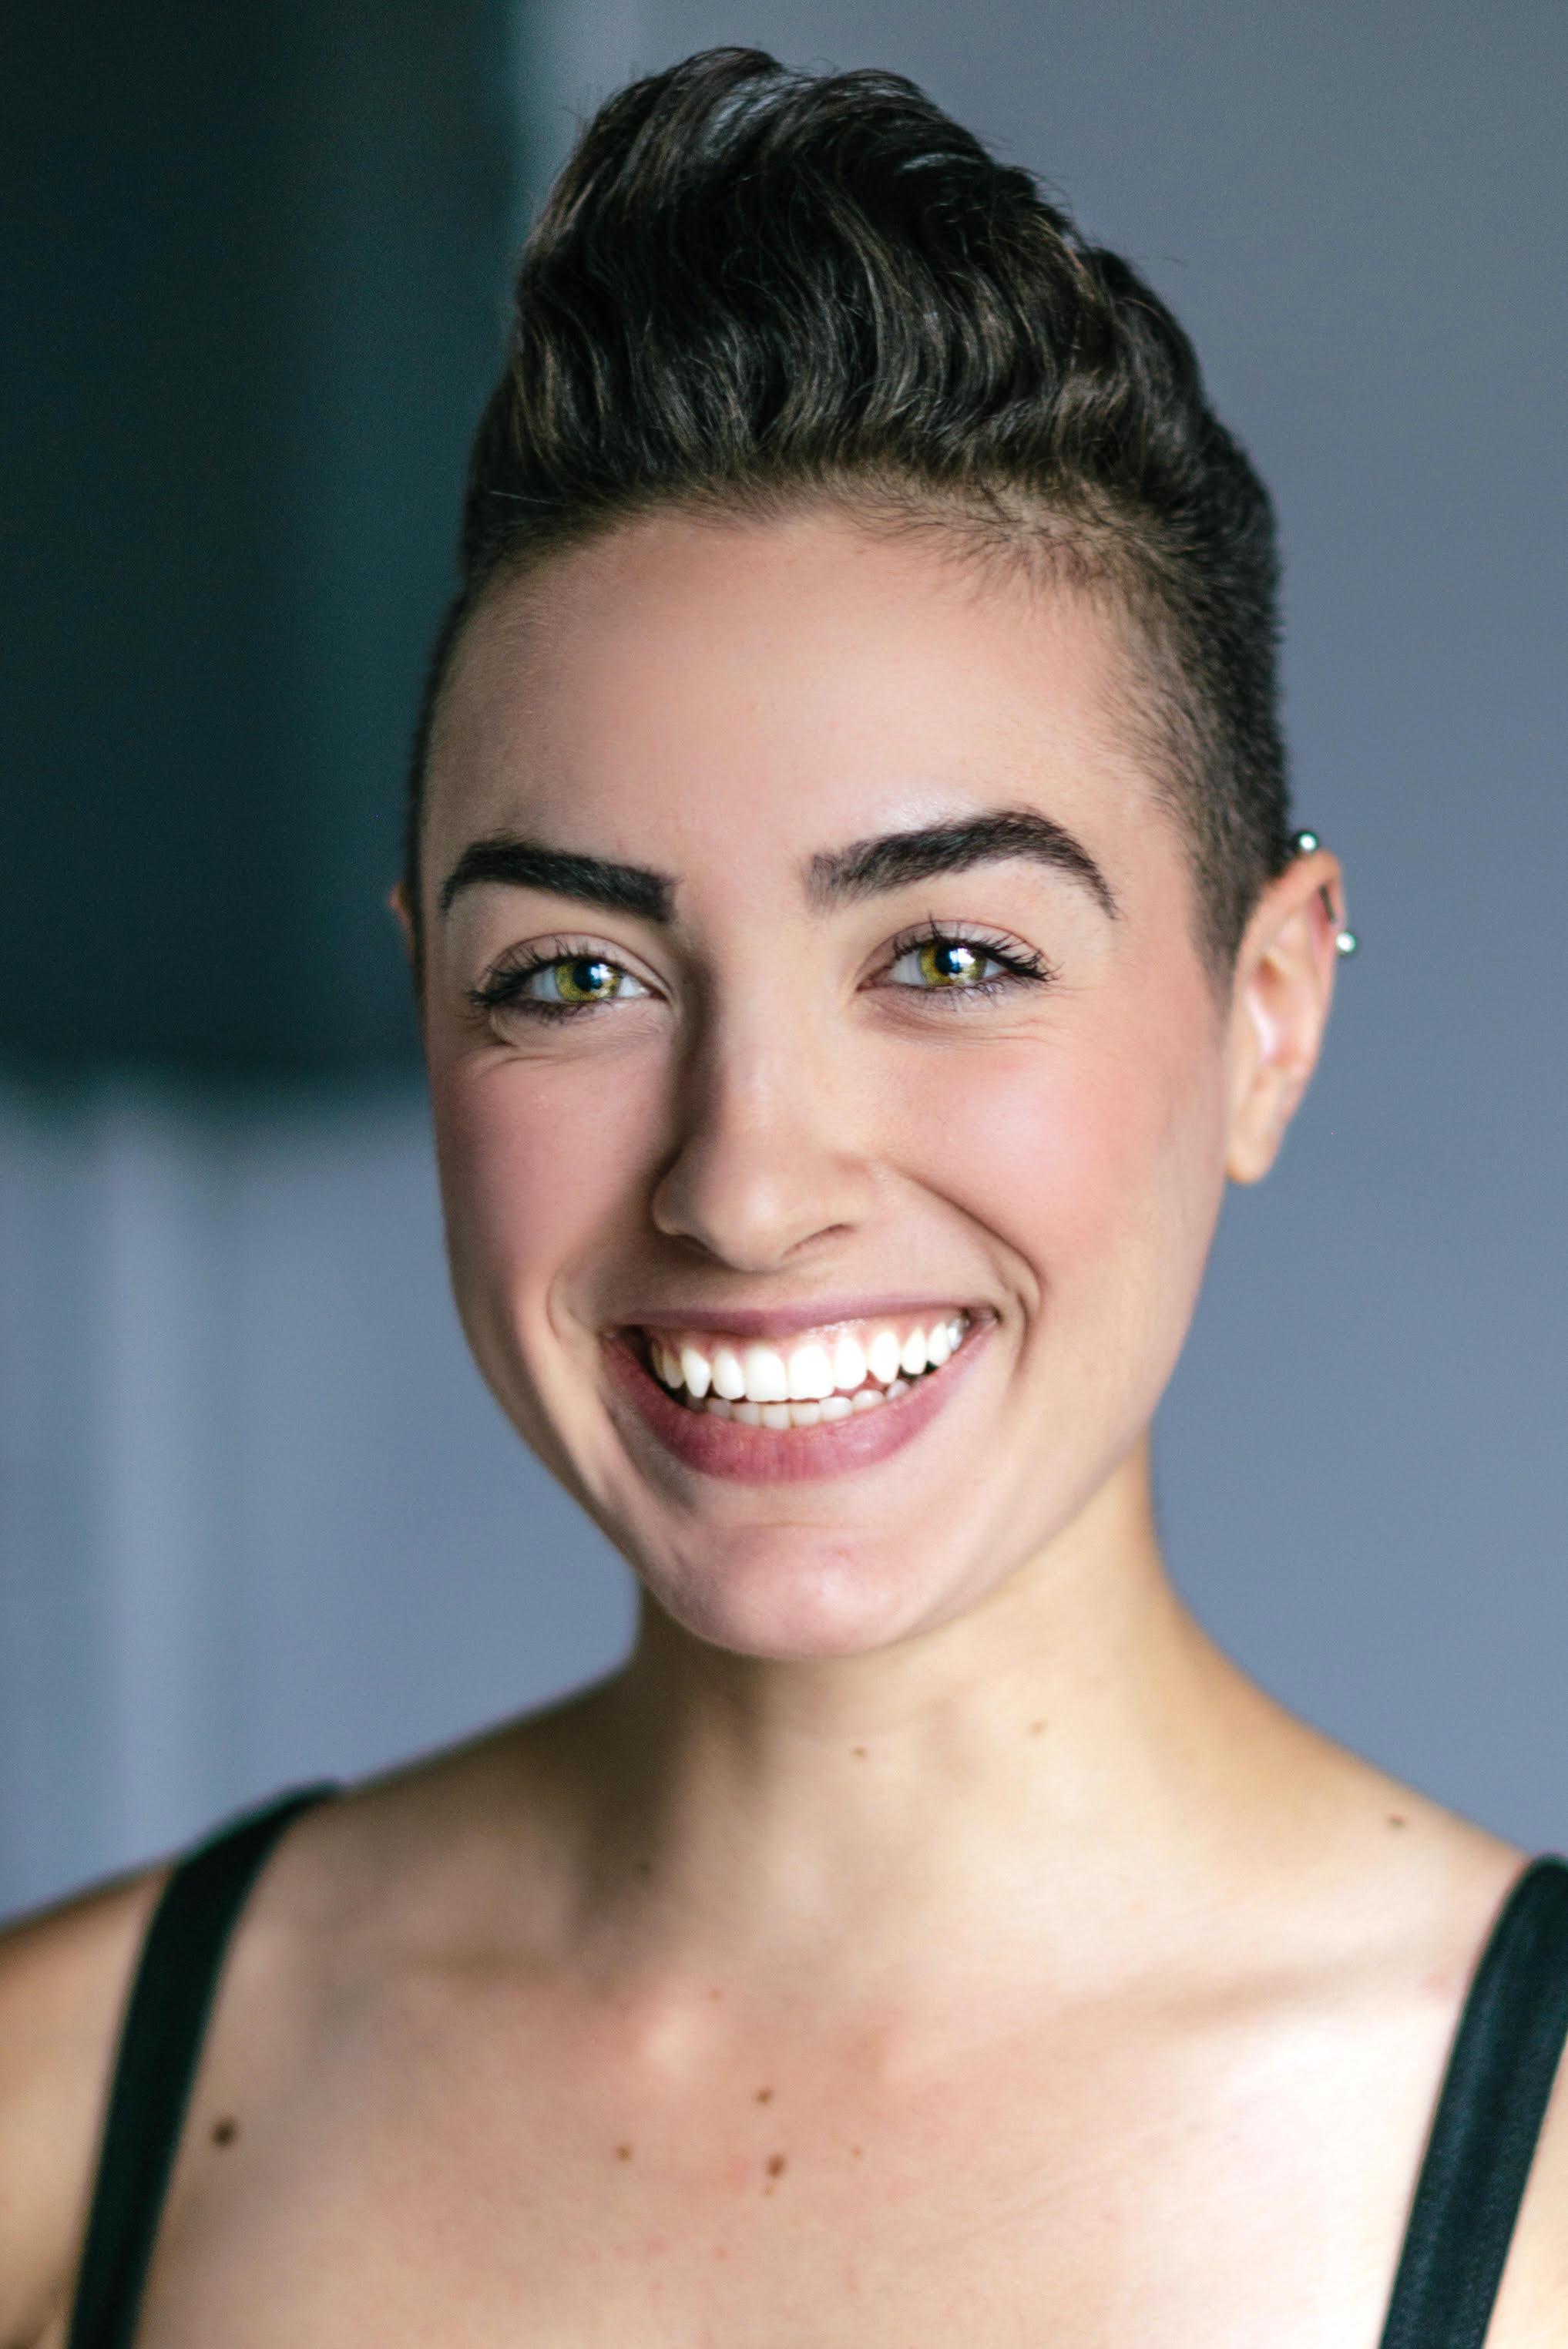 Natalie sourire.jpg